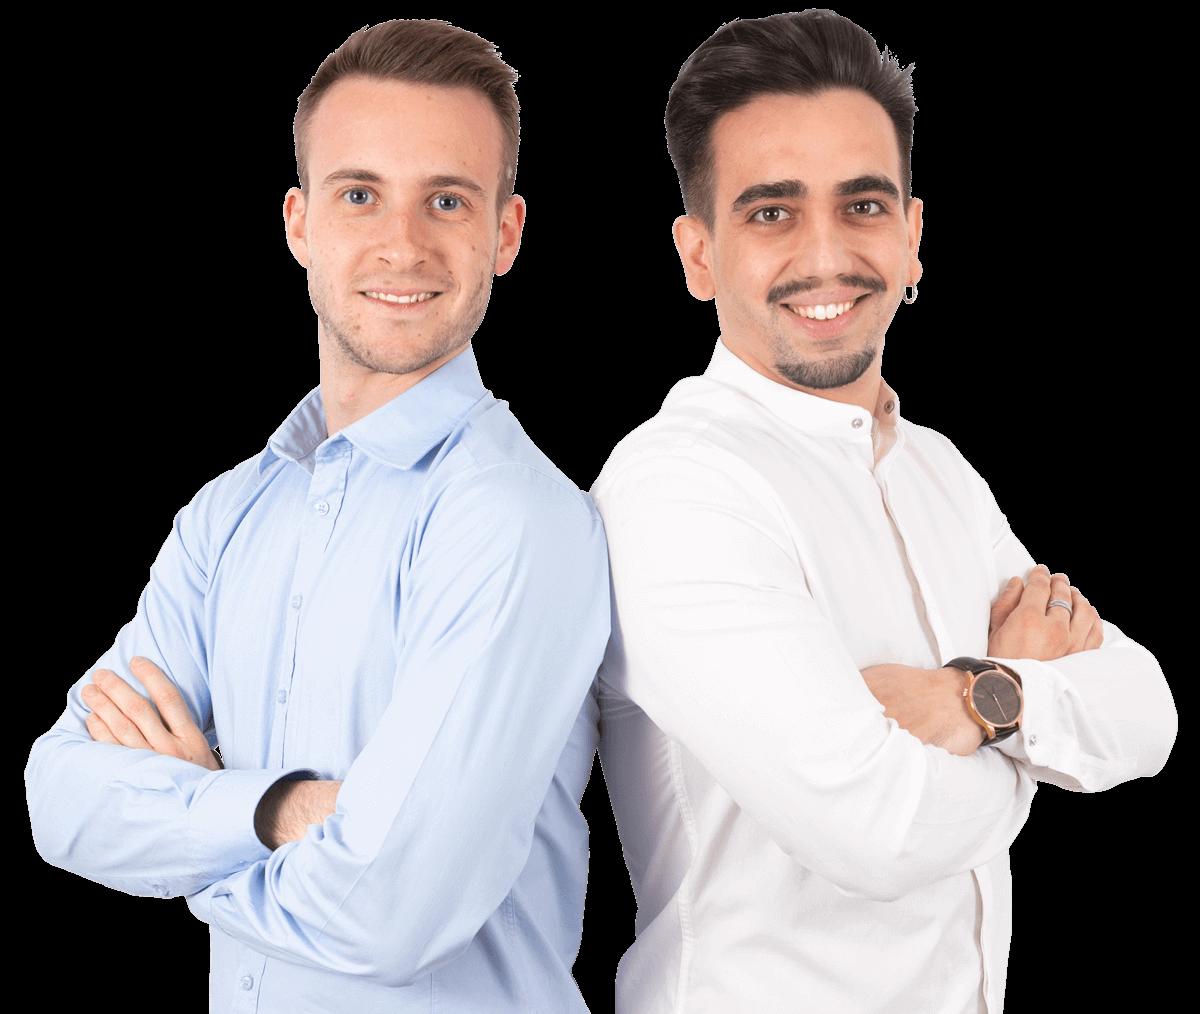 due ragazzi in posa che sorridono. Quello a sinistra è biondo con camicia azzurra, quello a destra è moro con camicia bianca.